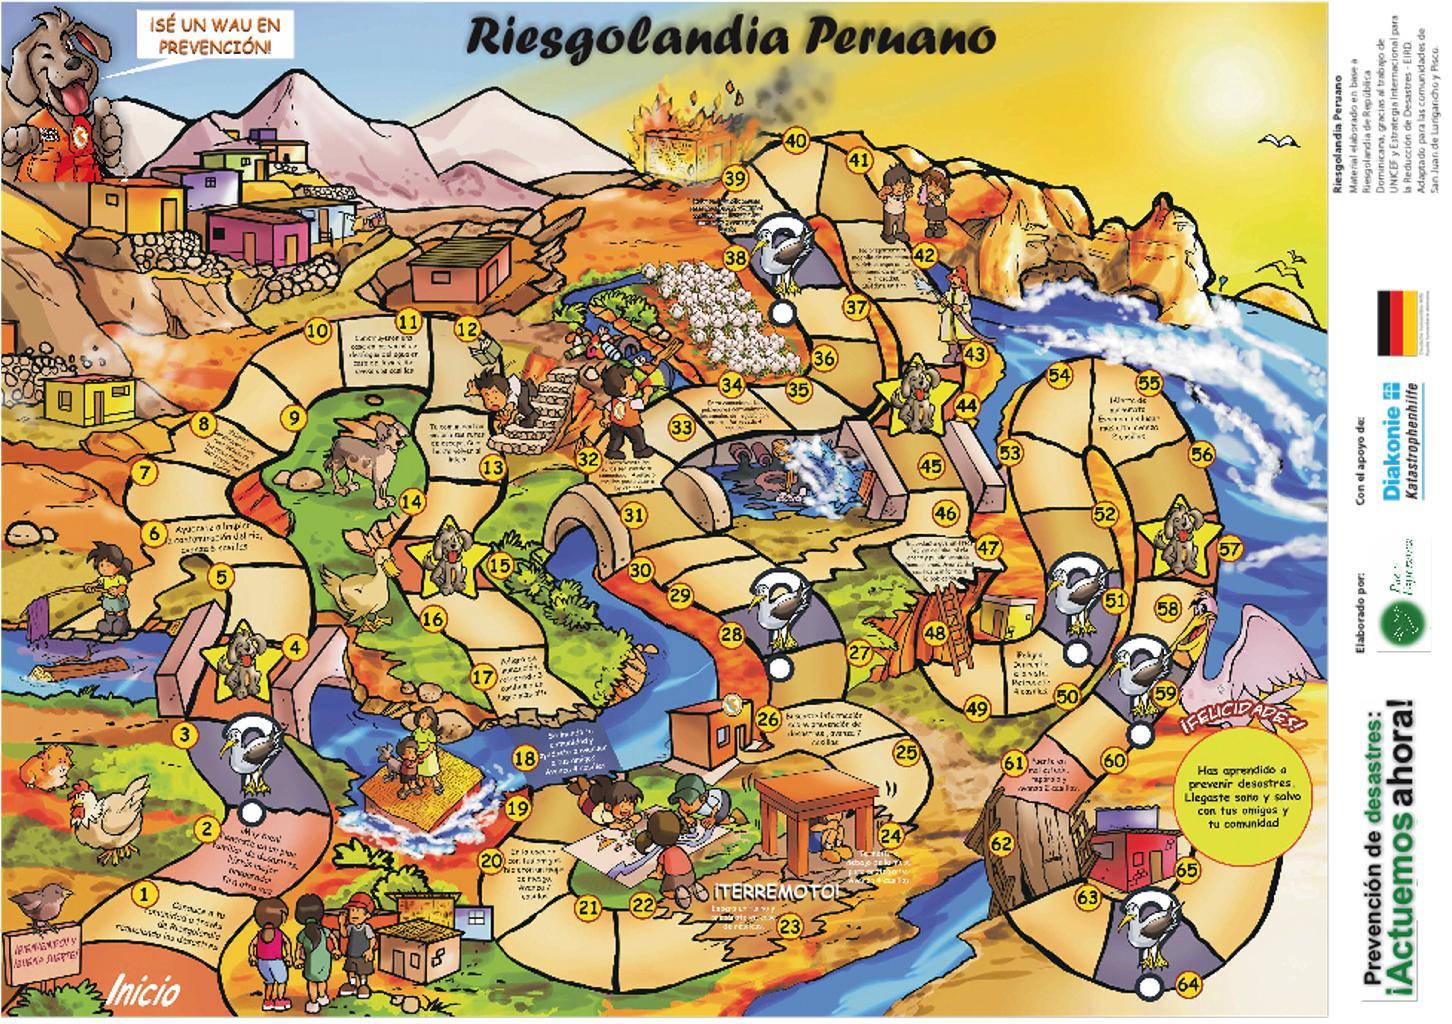 Riesgolandia Peruano